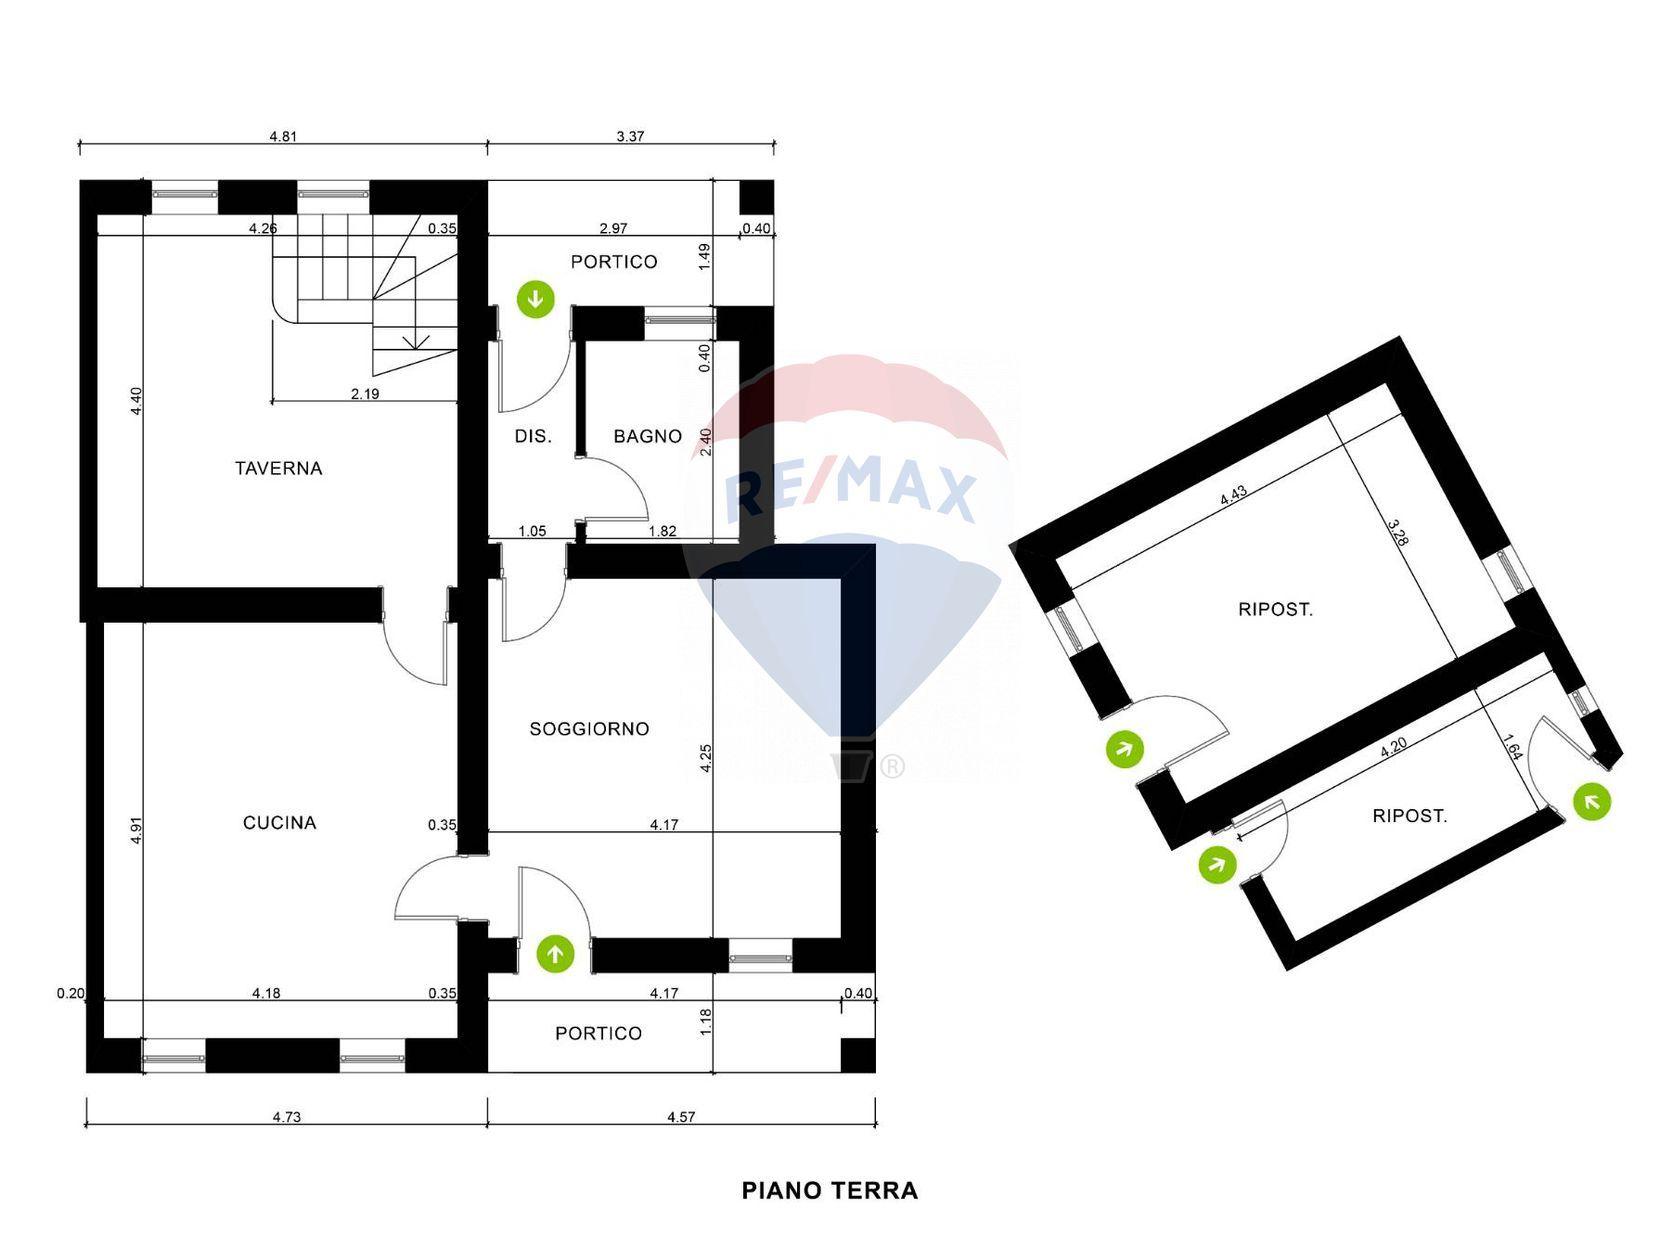 Casa Indipendente Castelnuovo, Teolo, PD Vendita - Planimetria 2